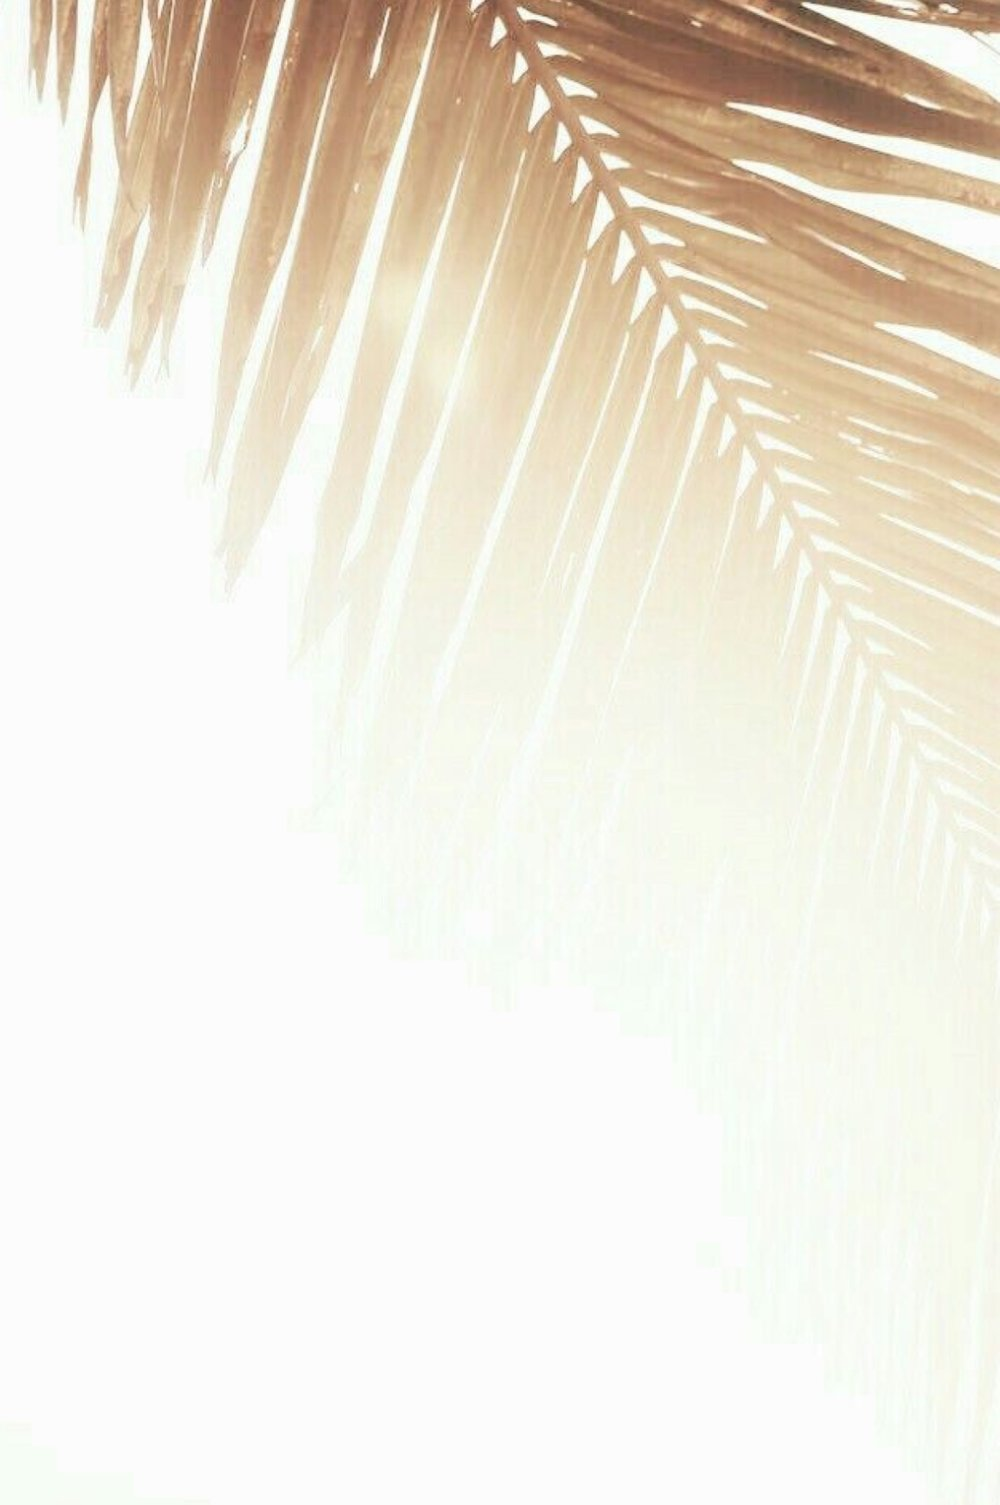 FullSizeRender 10.jpg